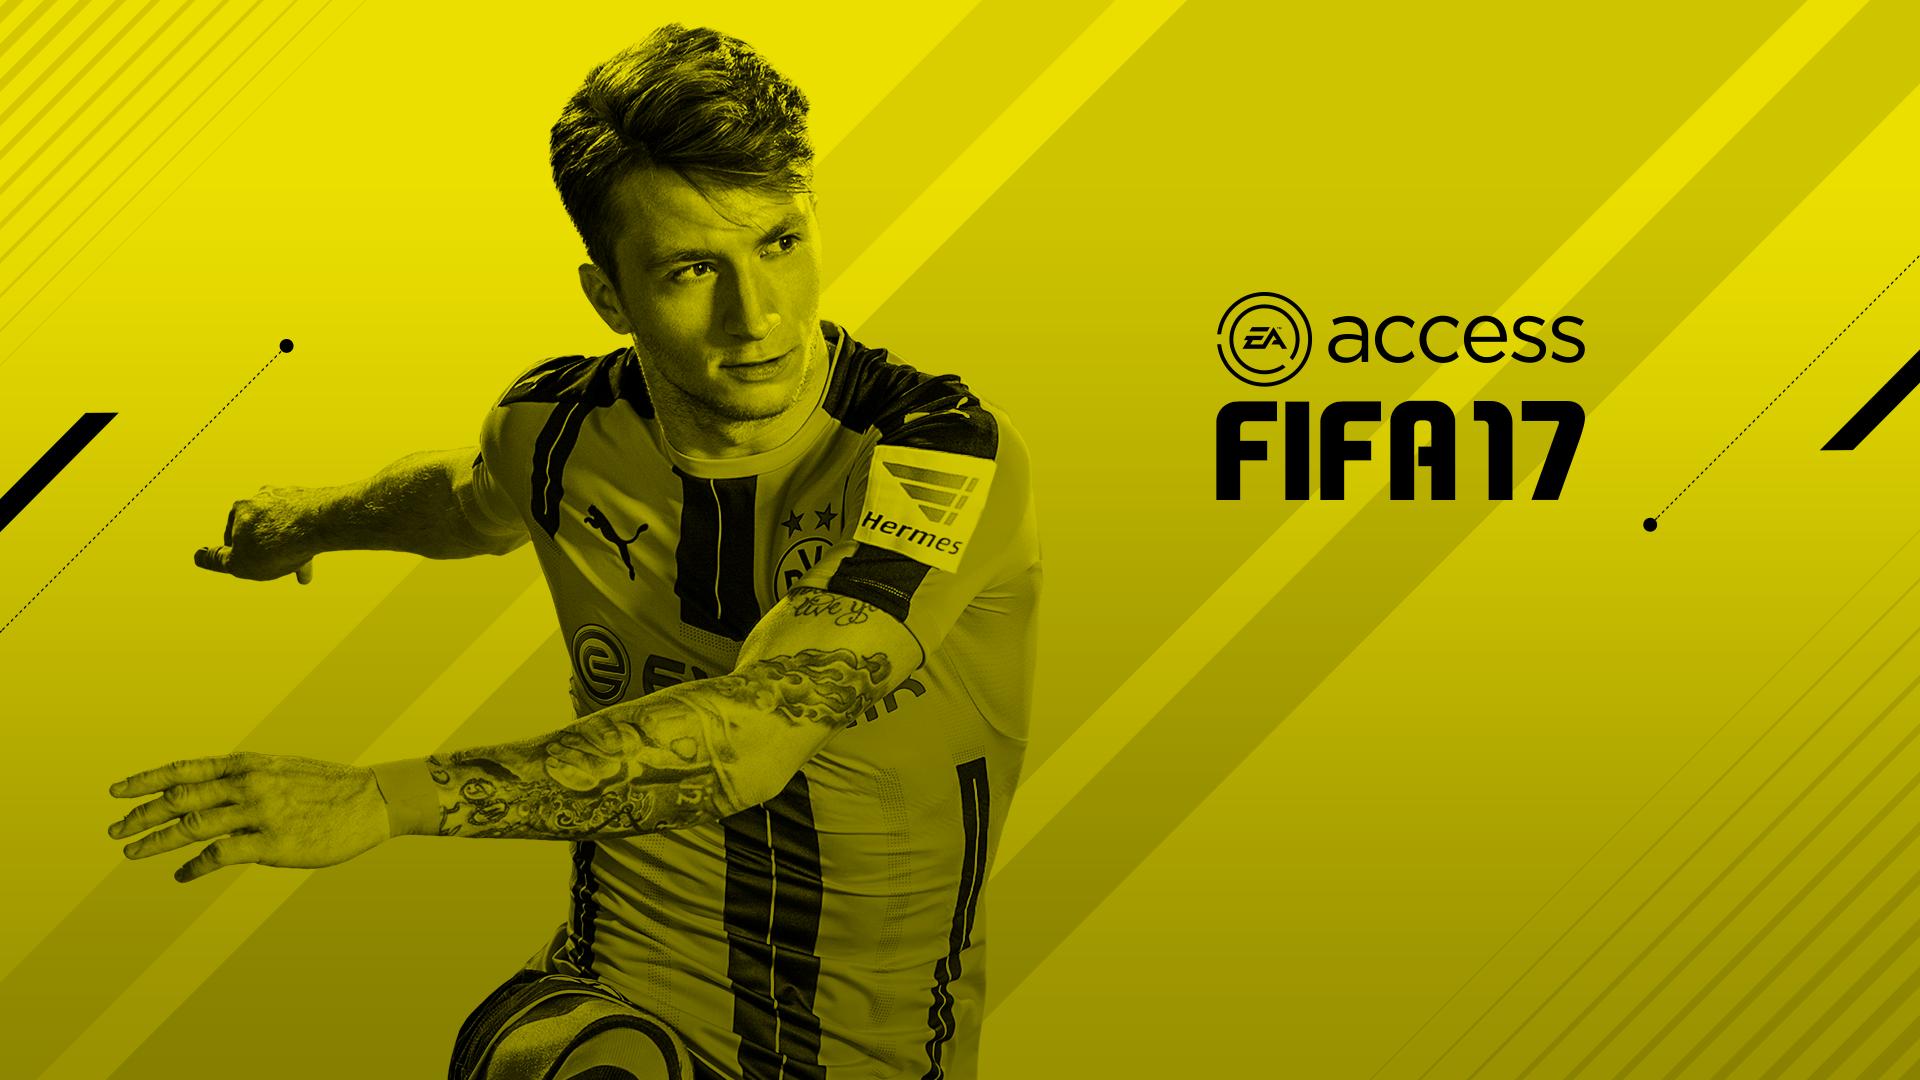 Icon for FIFA 17 EA Access Challenge Achievement